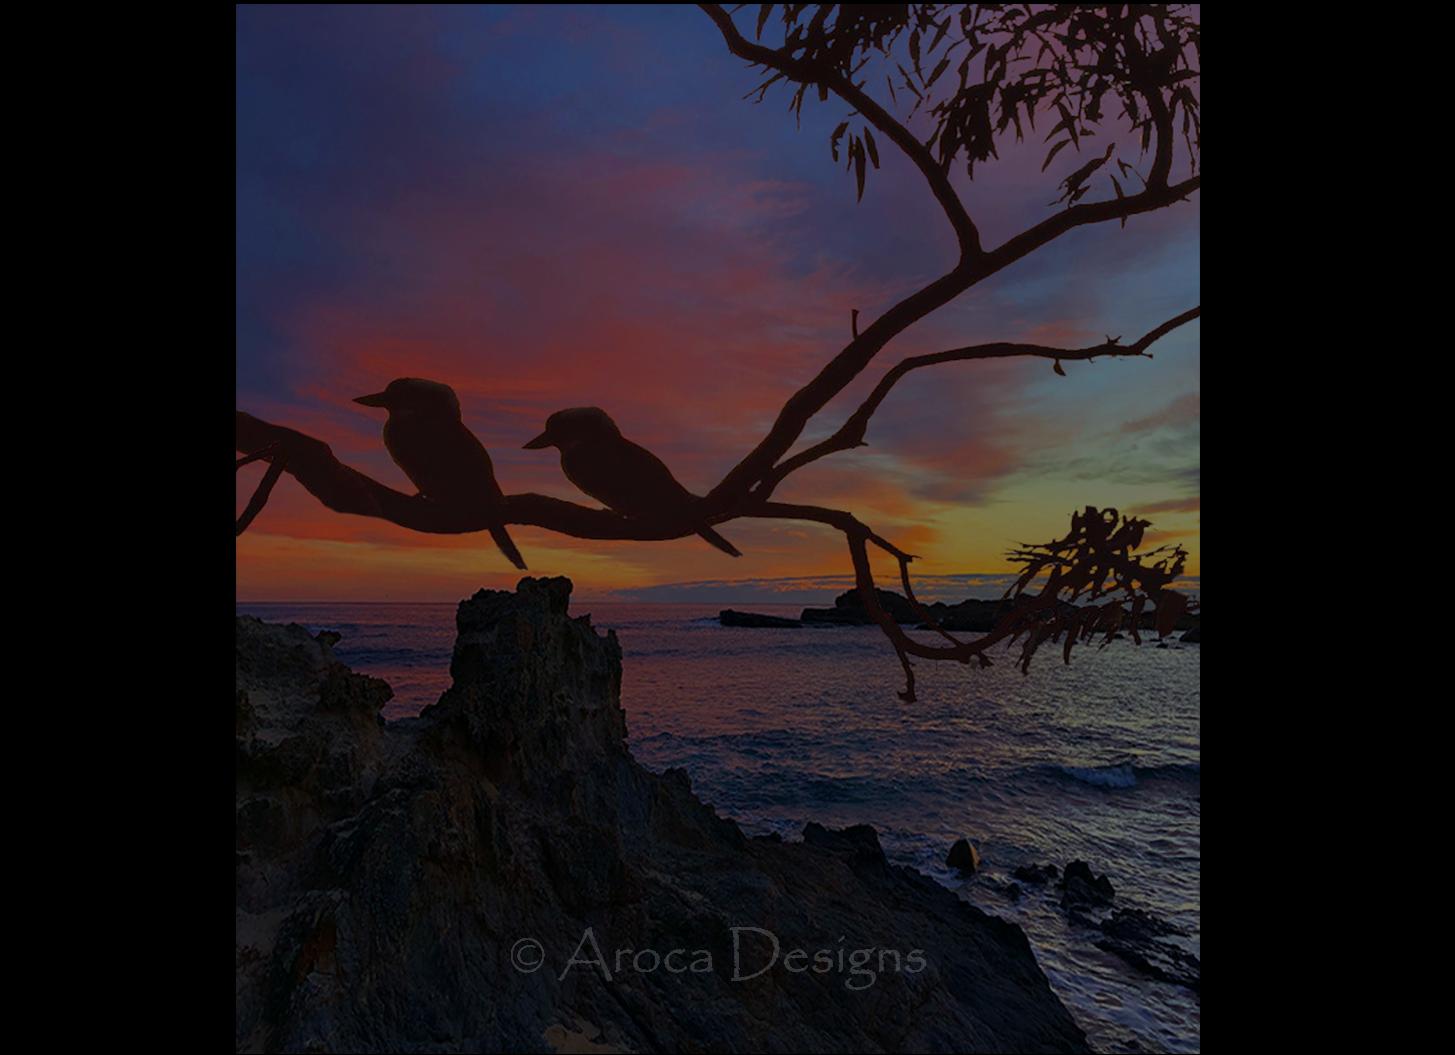 kookaburras at Mystery Bay